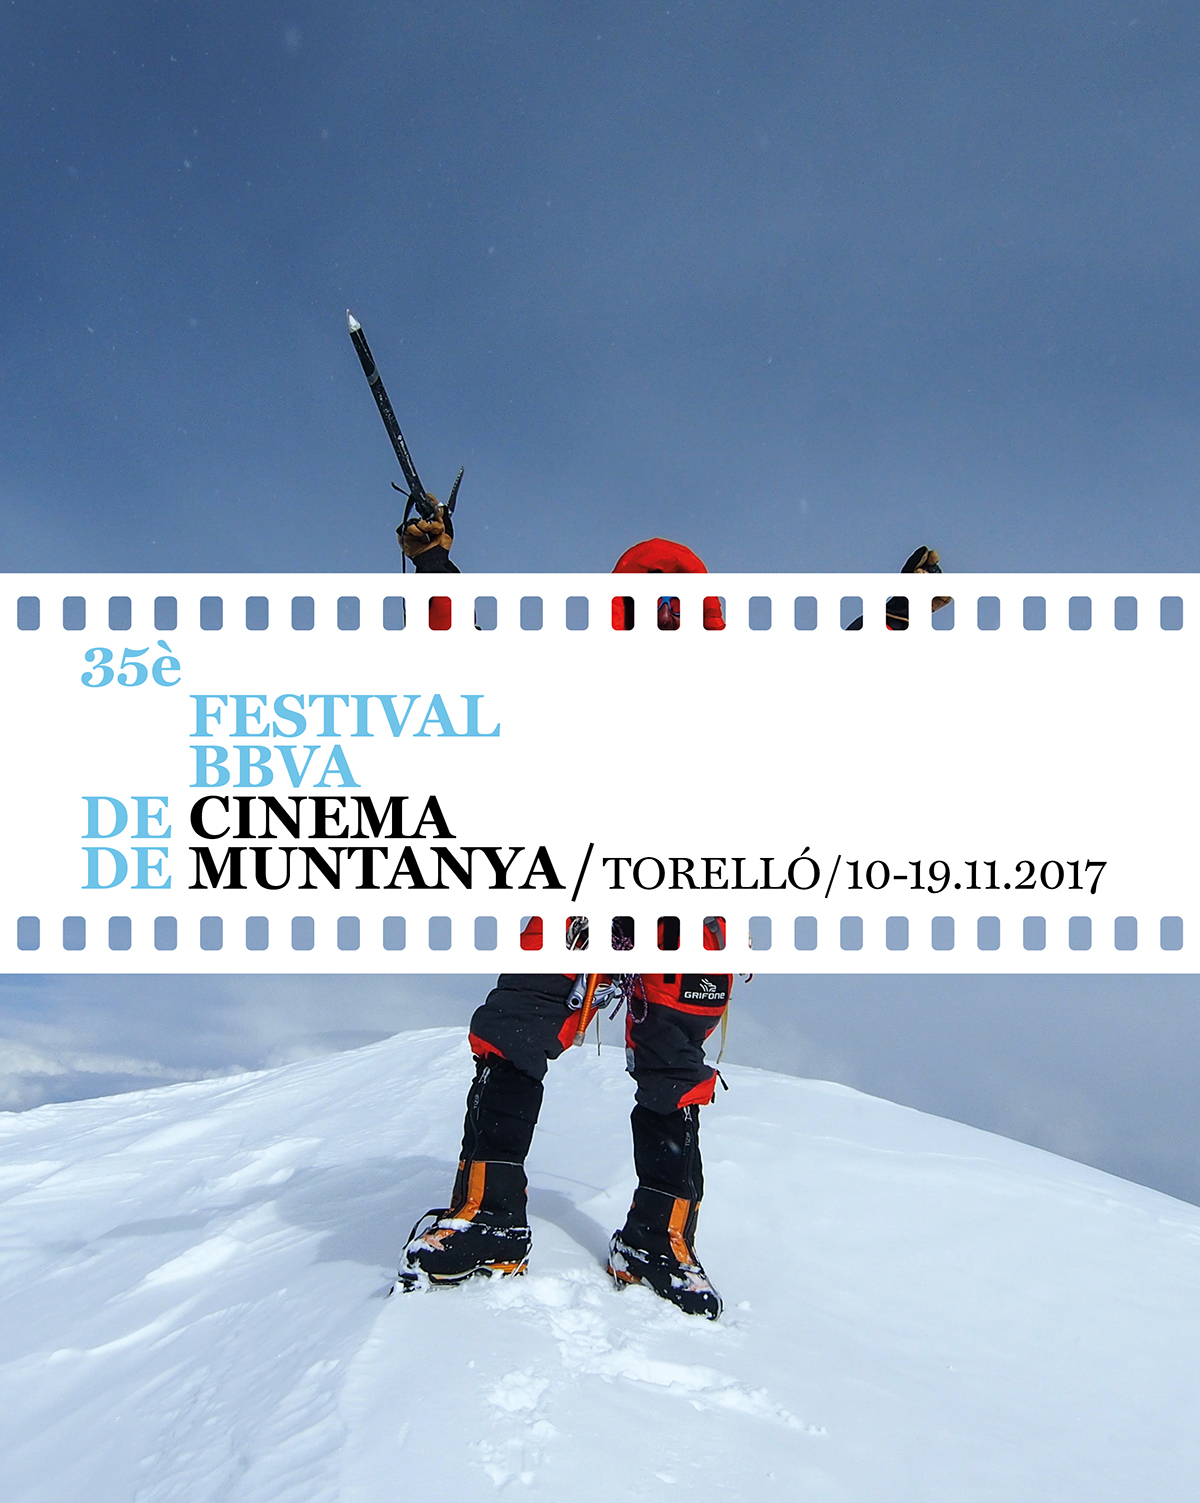 35 Festival de Cinema de Muntanya de Torelló